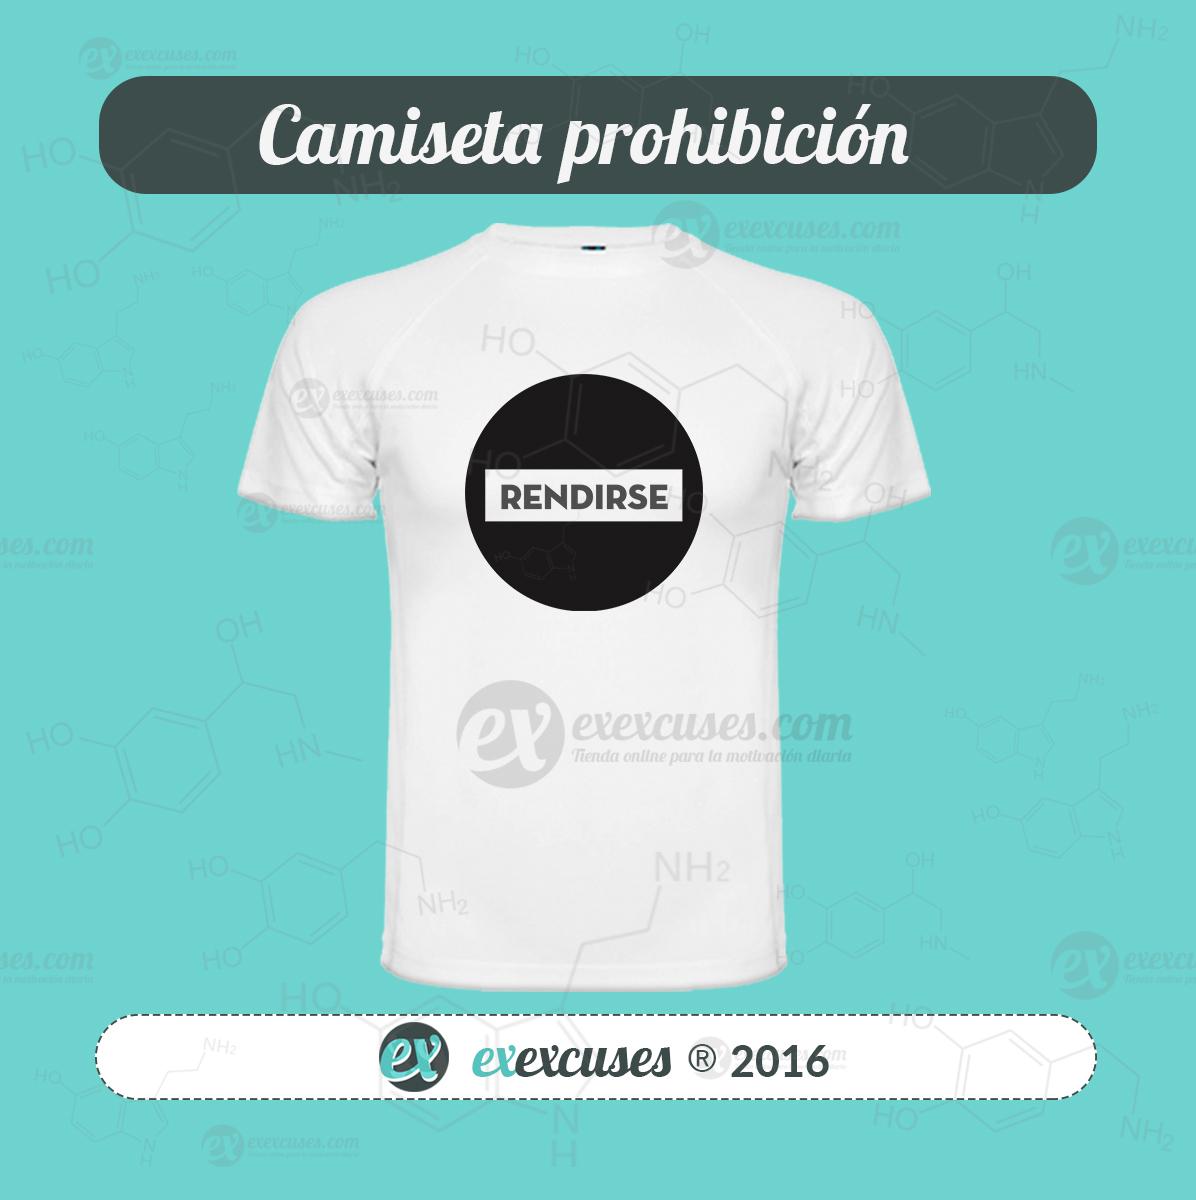 Camiseta prohibido rendirse exexcuses®